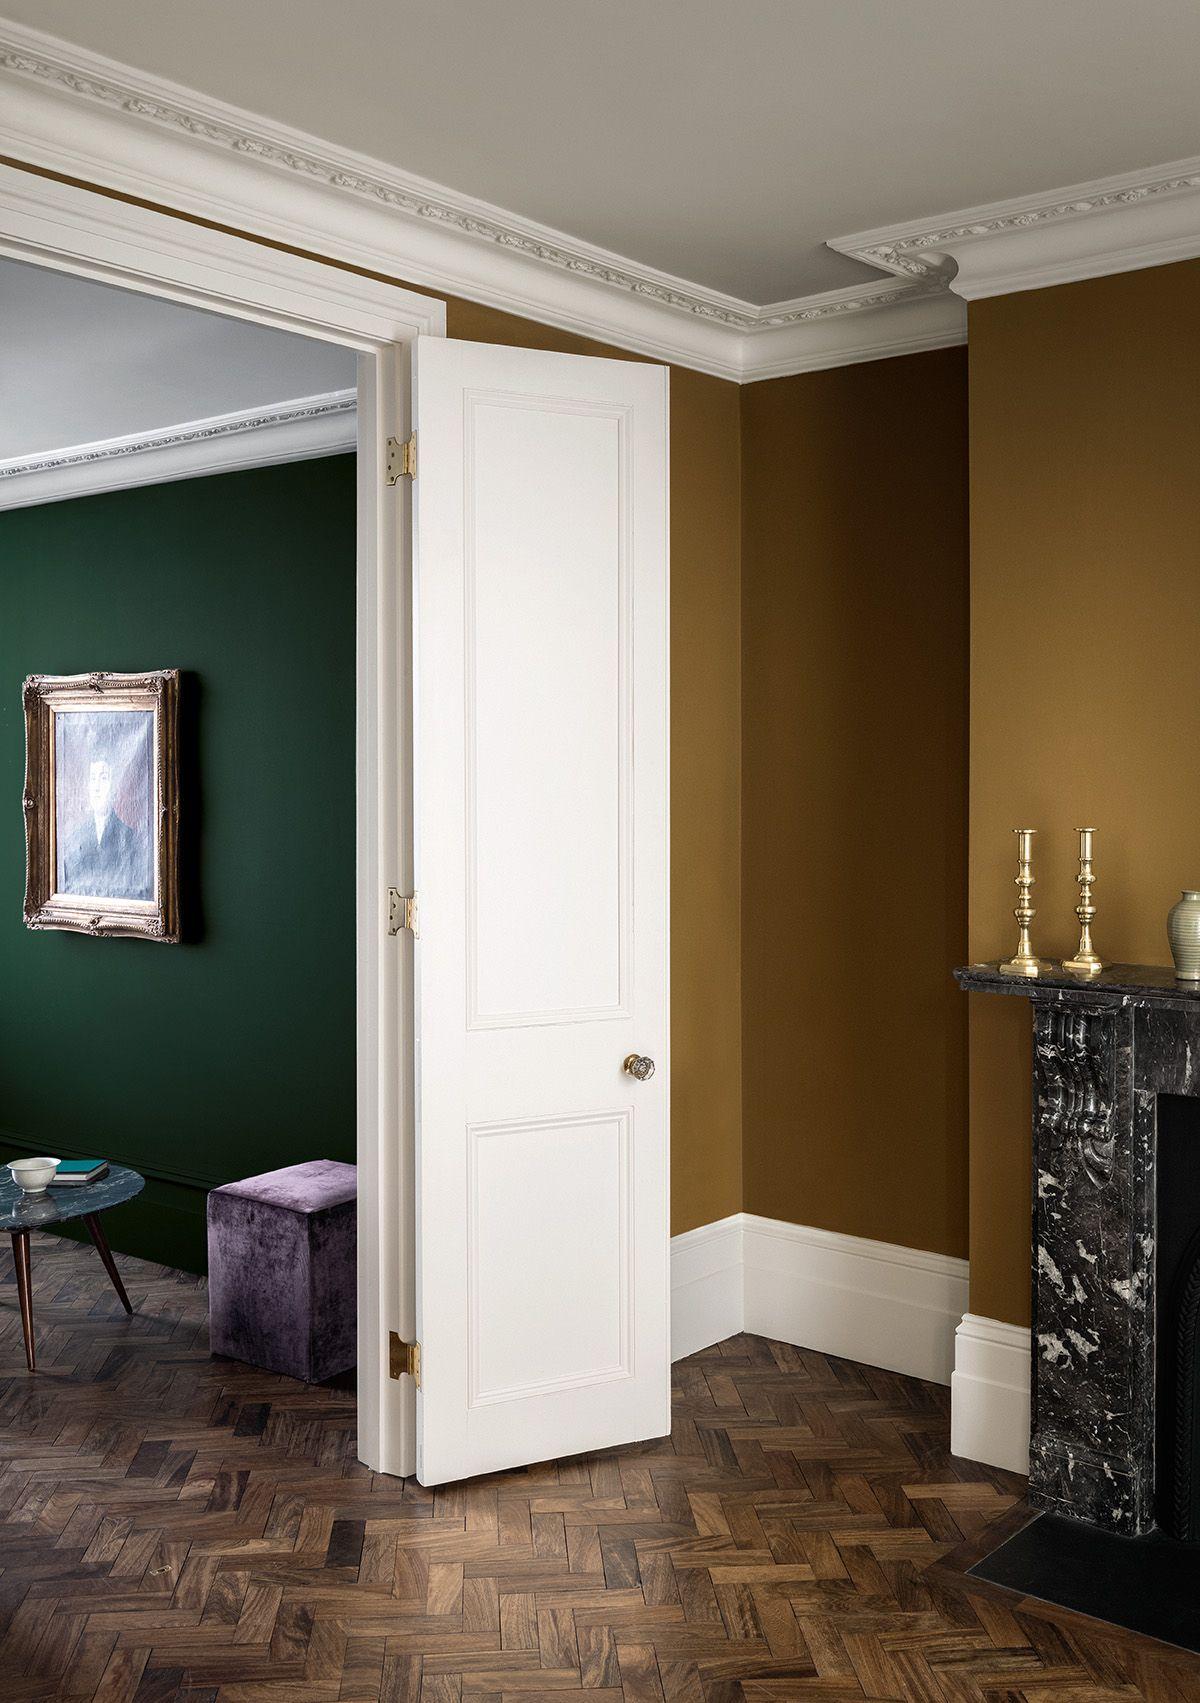 Flat Or Eggshell Paint For Living Room Modern House